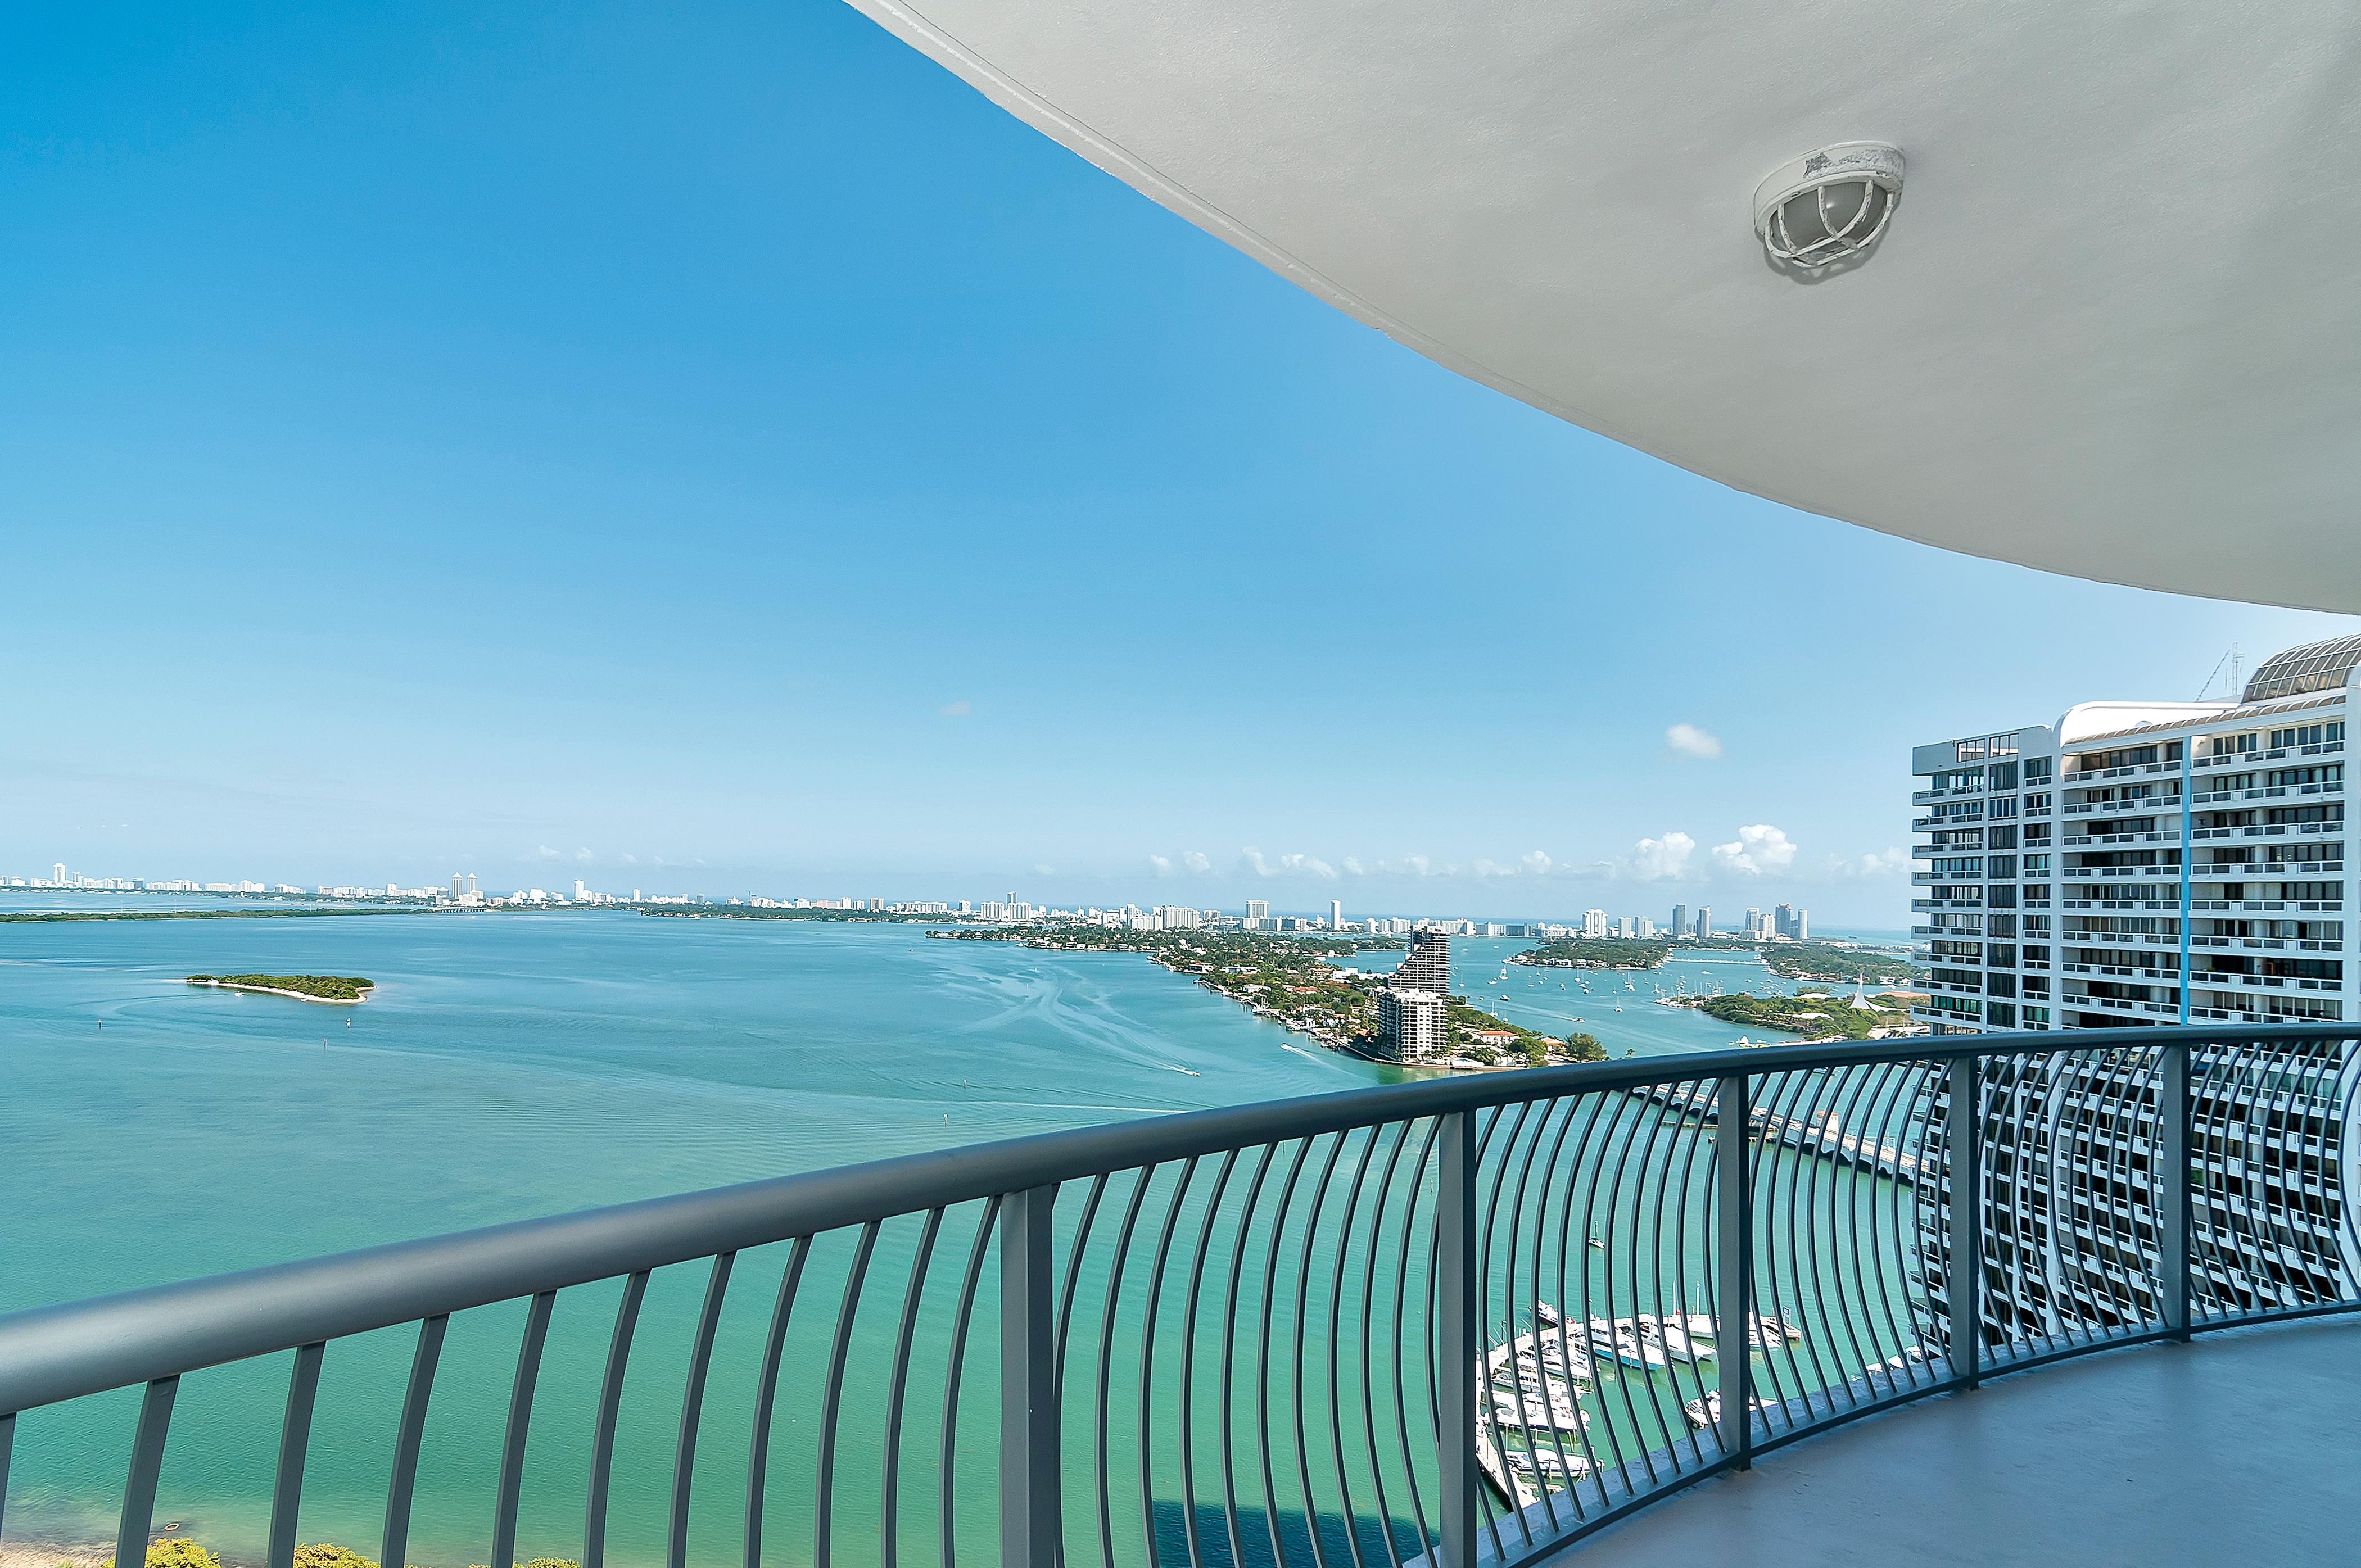 Condominium for Sale at 1750 BAYSHORE DR # 3401 1750 Bayshore Dr 3401 Miami, Florida, 33132 United States